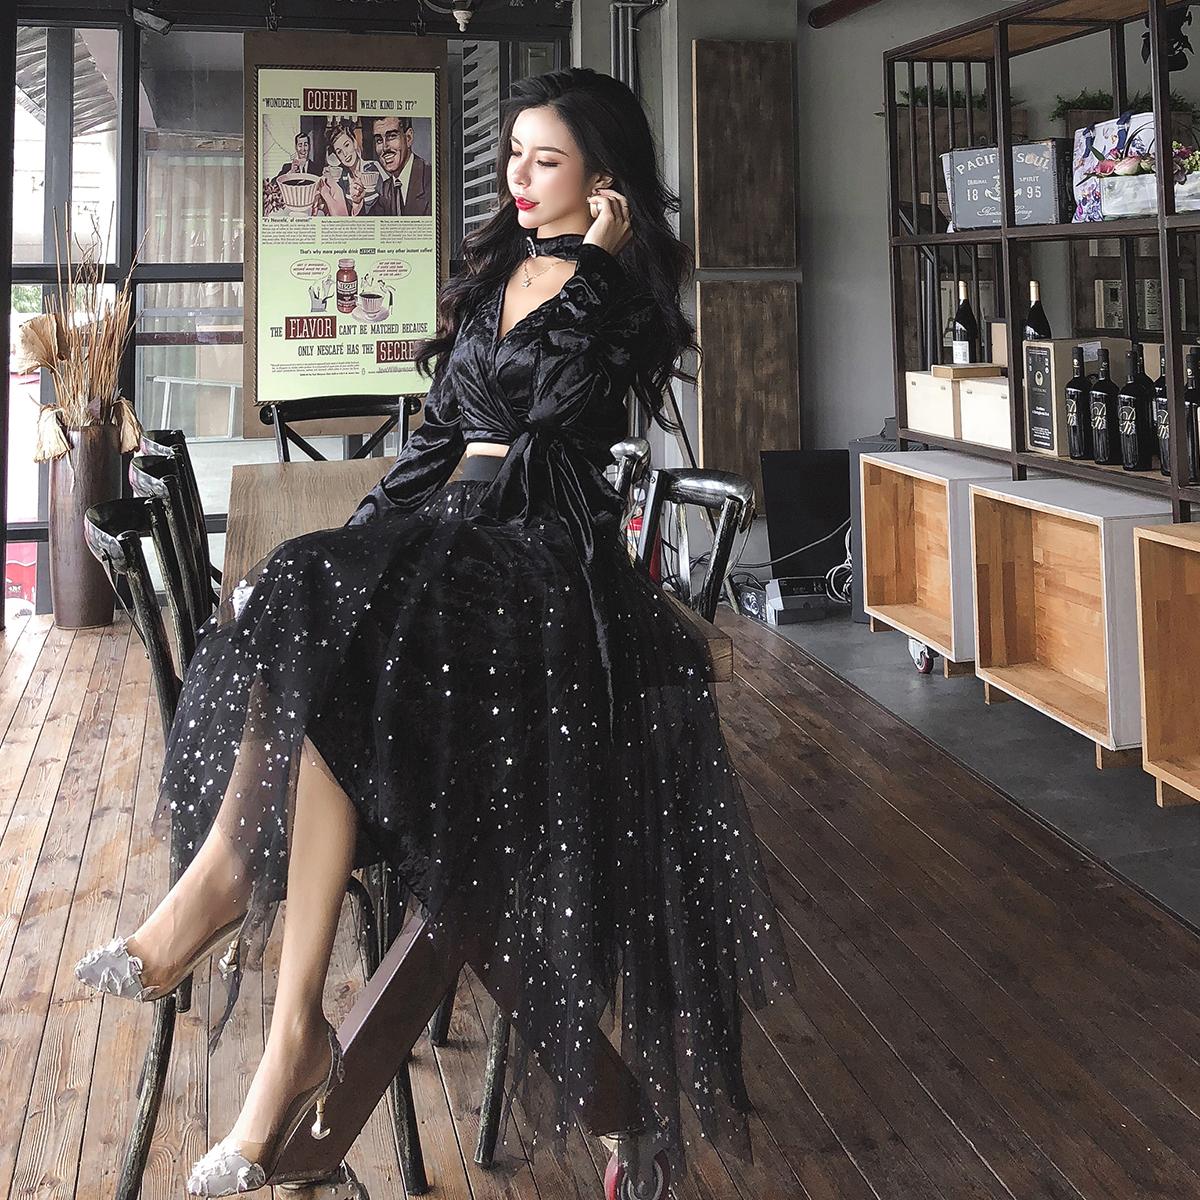 实拍现货秋冬金丝绒V领上衣+显廋不规则半身裙时尚套装送挂脖 -